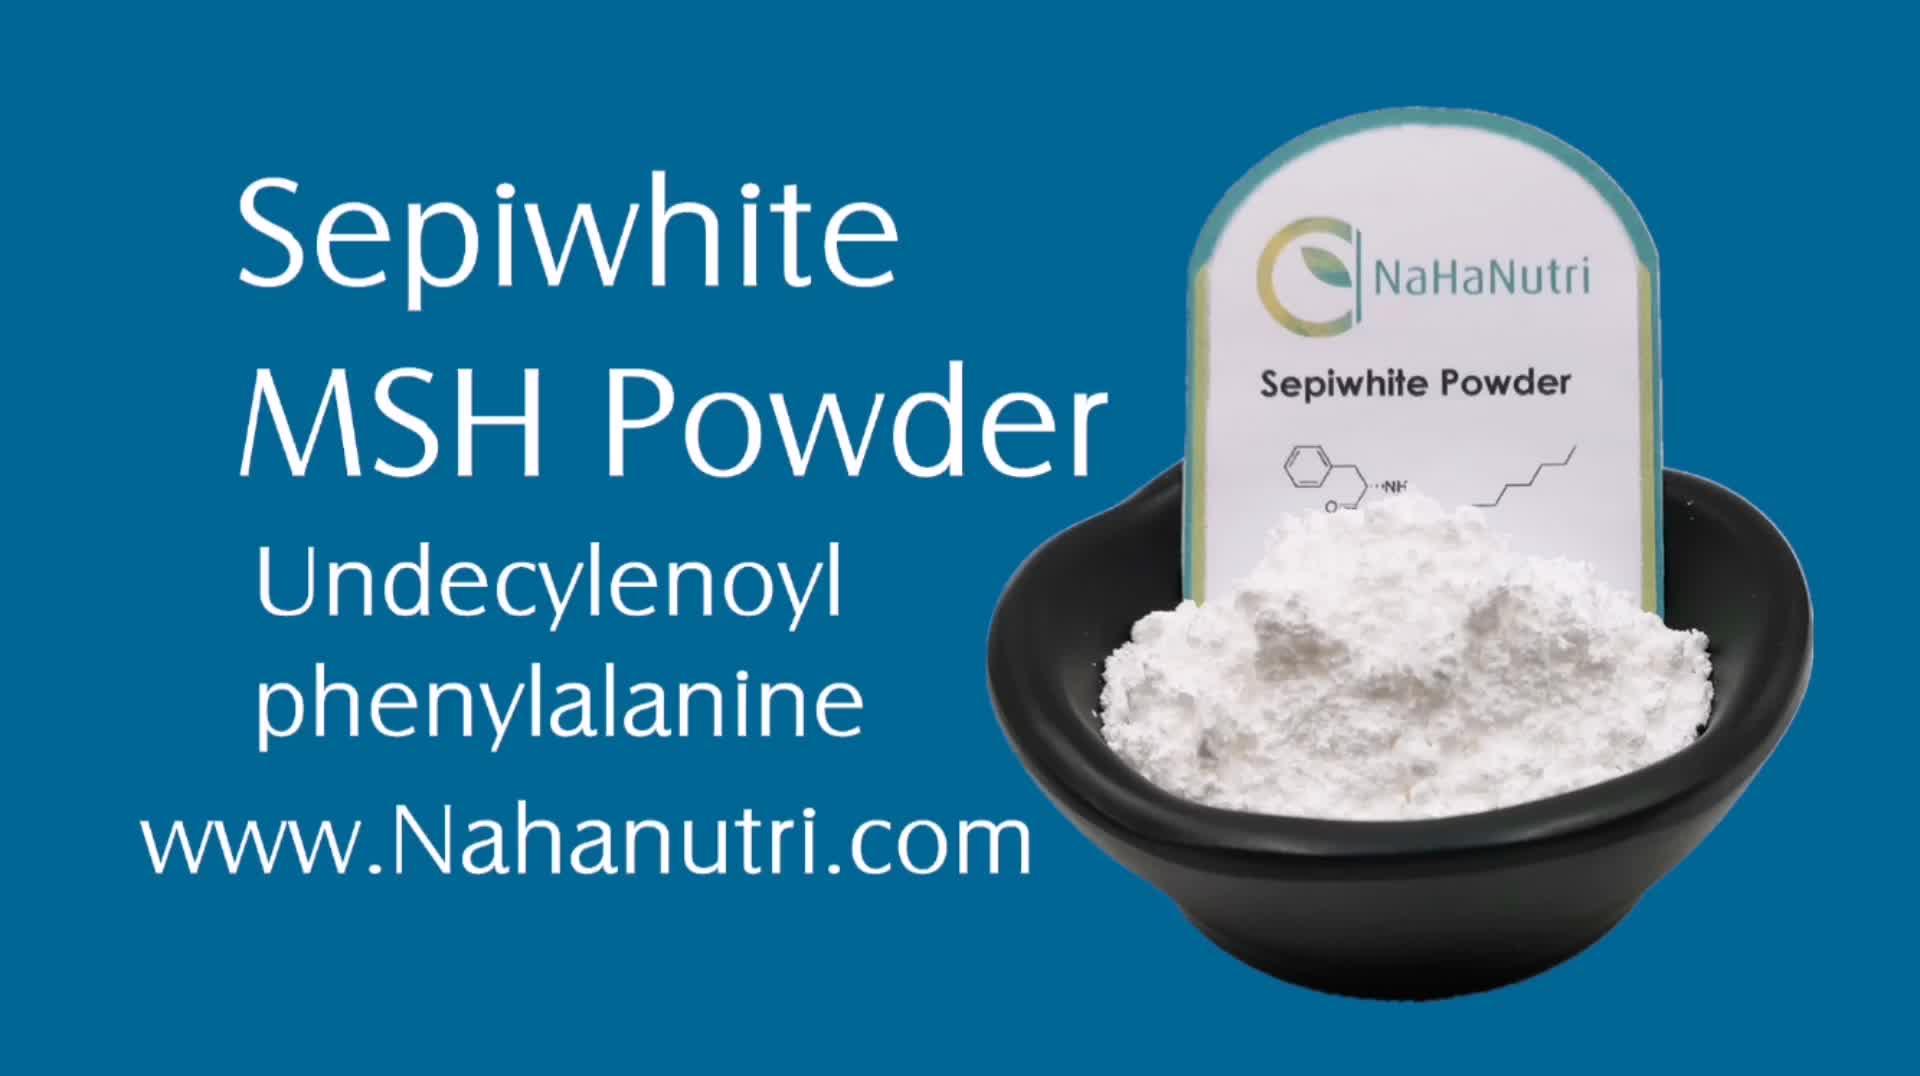 עור הלבנת Undecylenoyl פנילאלנין Sepiwhite MSH אבקה